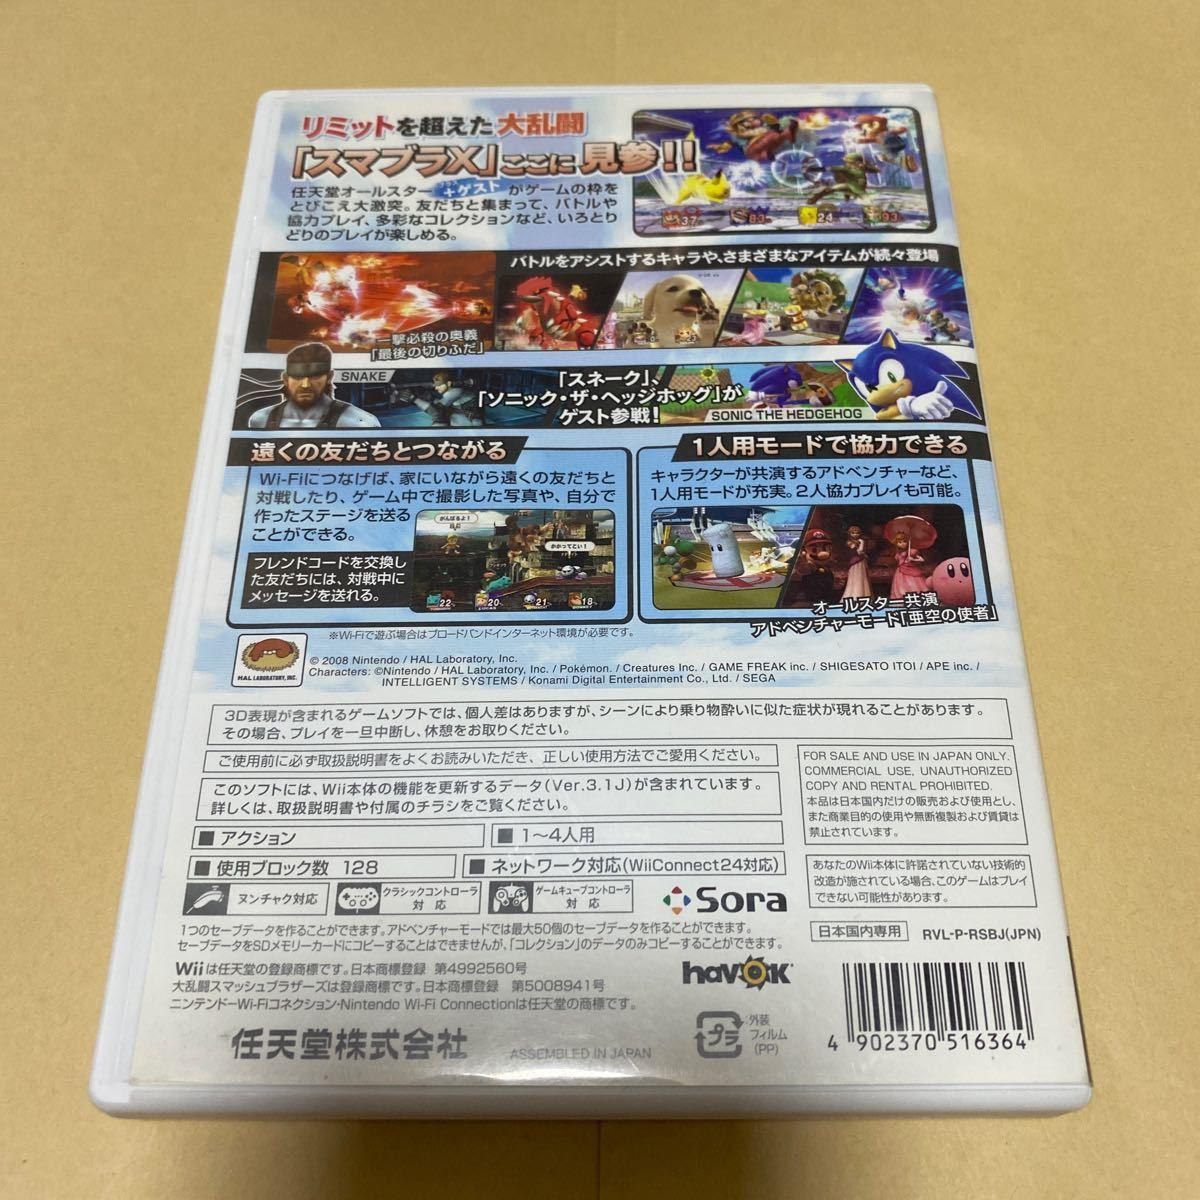 大乱闘スマッシュブラザーズXとスーパーマリオギャラクシー2 Wii